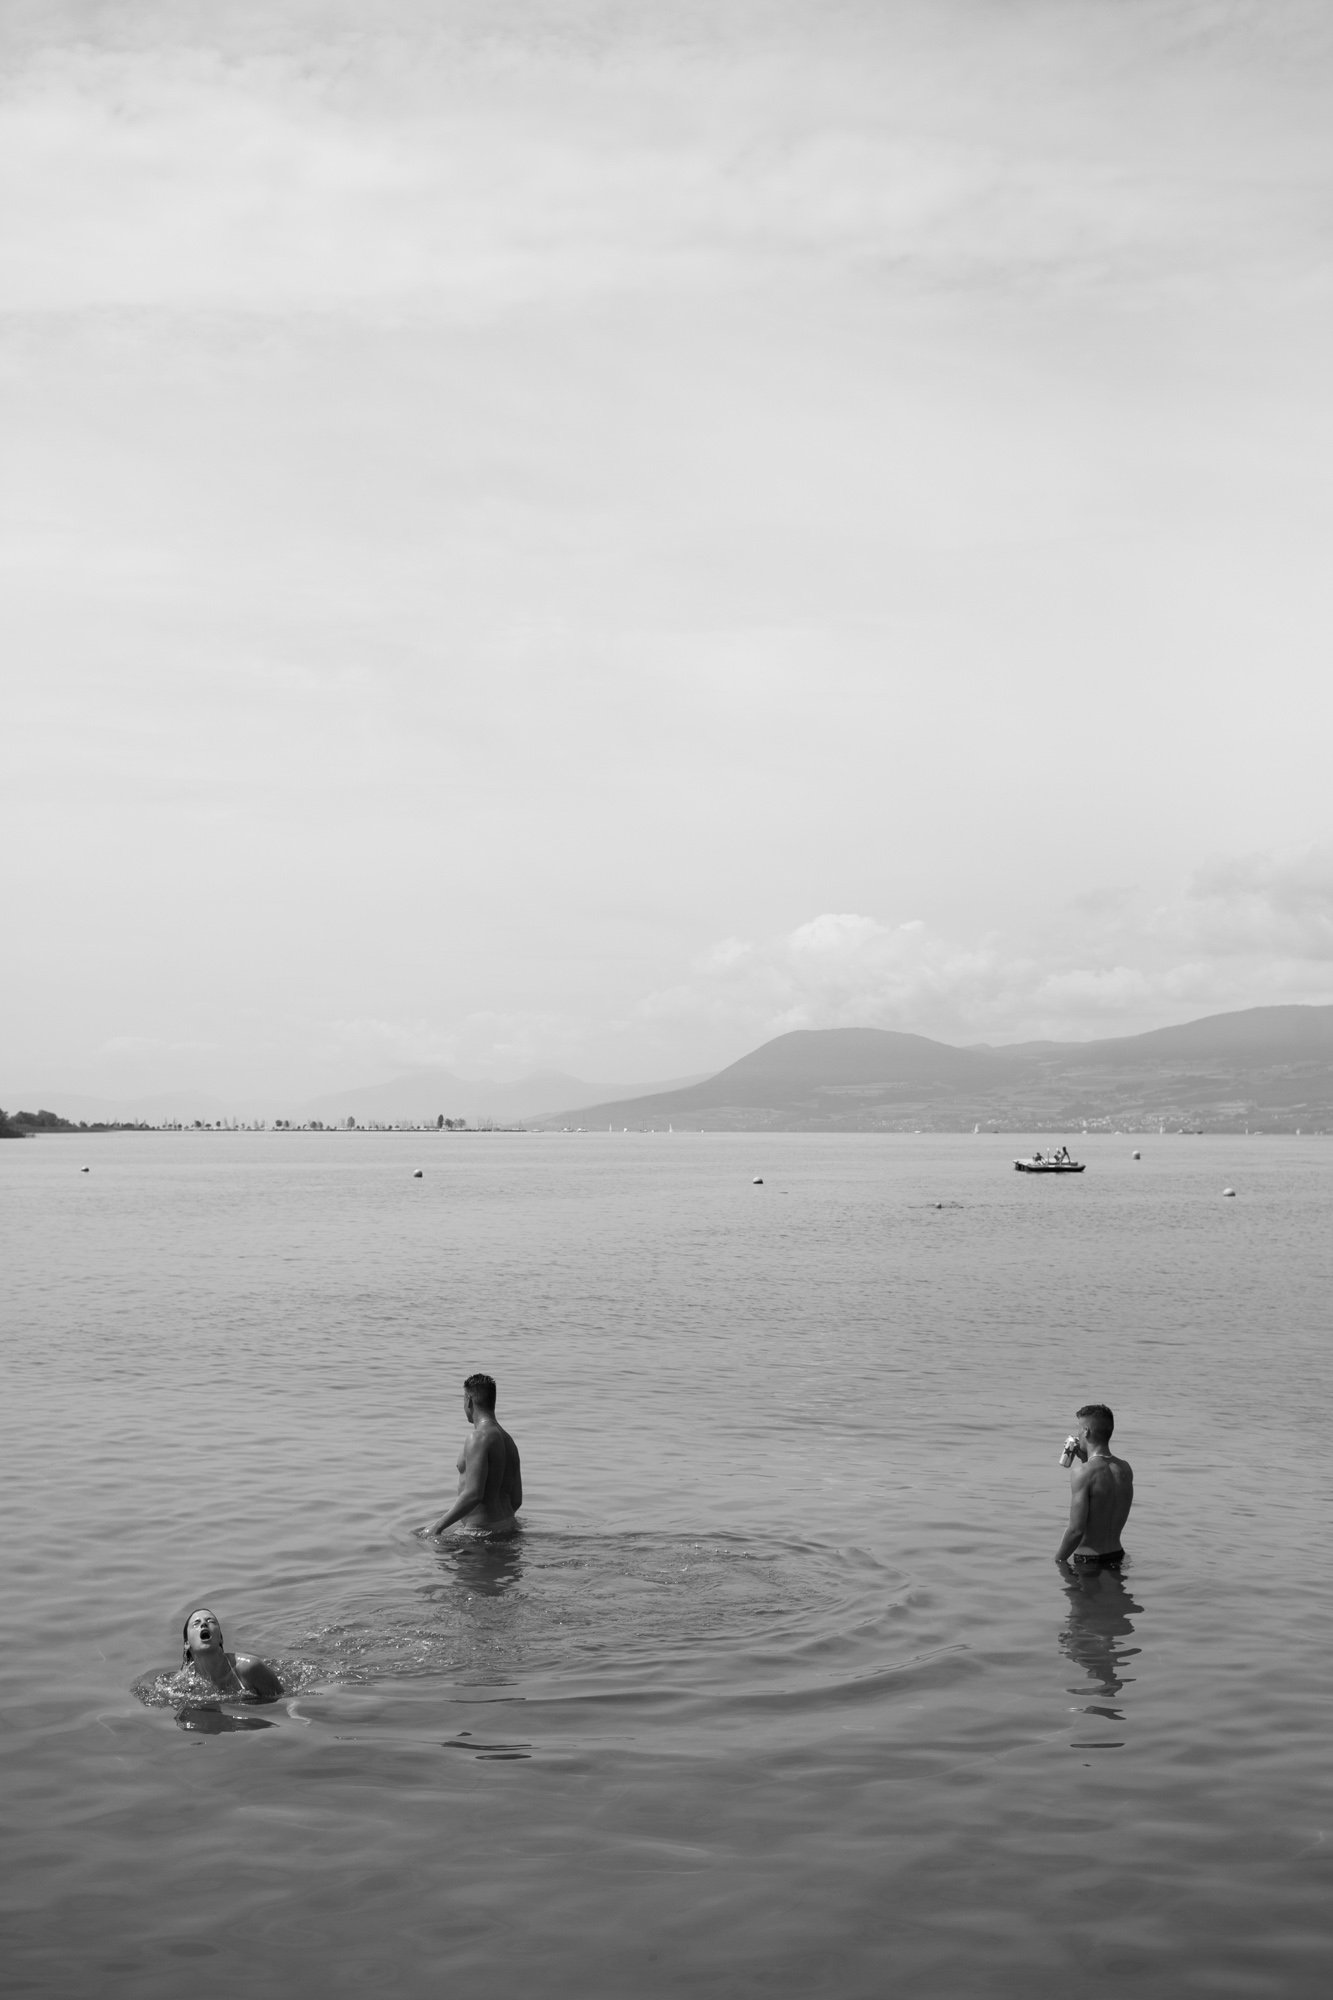 Série de photographies rtéalisées pour le Nouveau Monde, espace culturel à Fribourg en Suisse. Des baigneurs dans le lac de Neuchâtel.